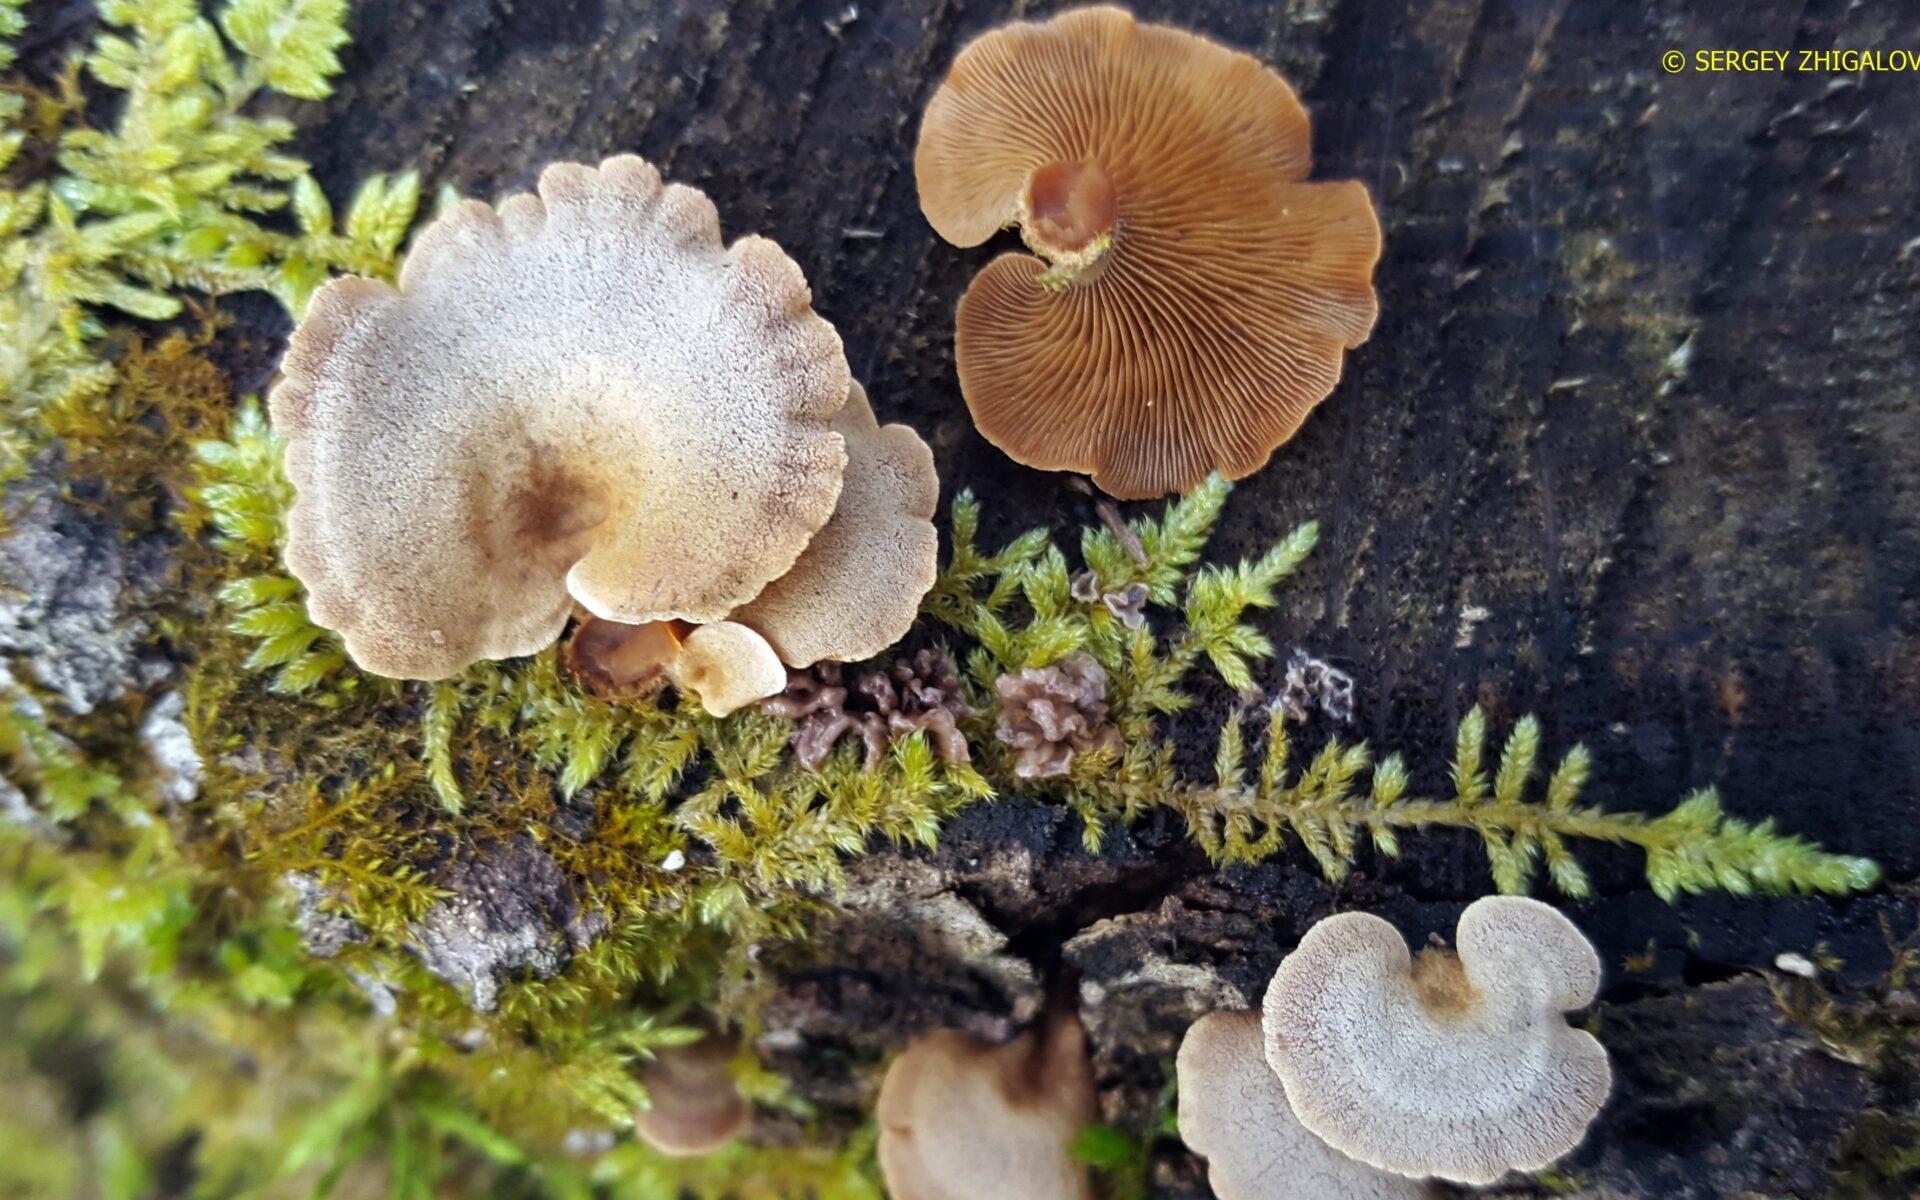 Панеллюс вяжущий Panellus stipticus